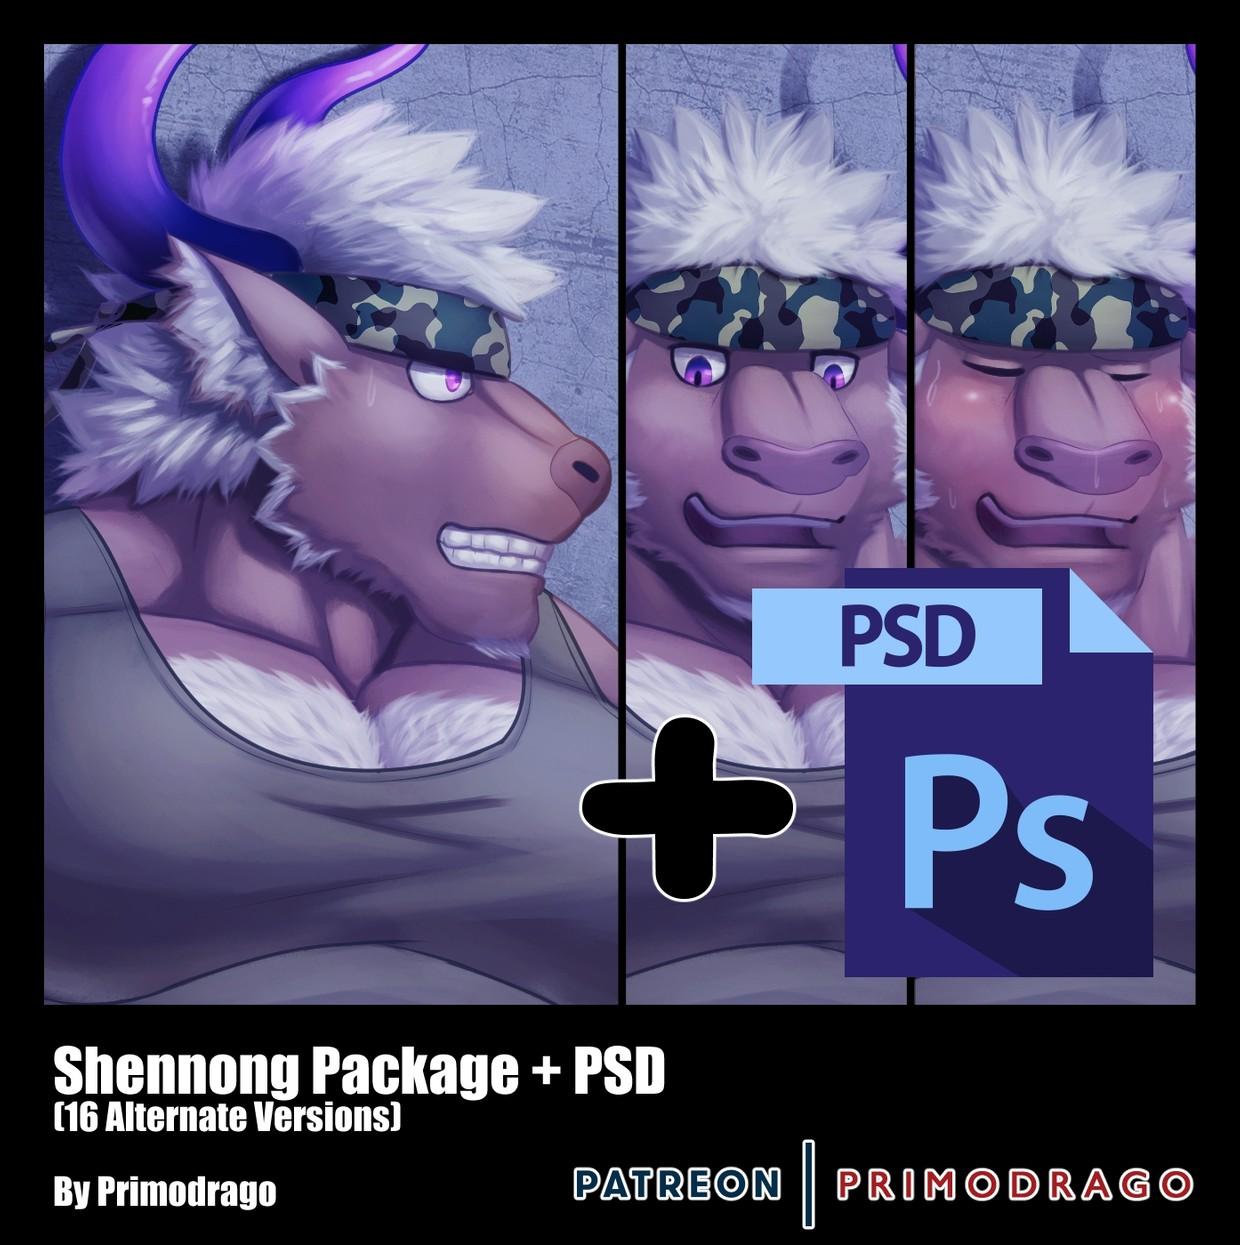 Shennong Artpack + PSD File